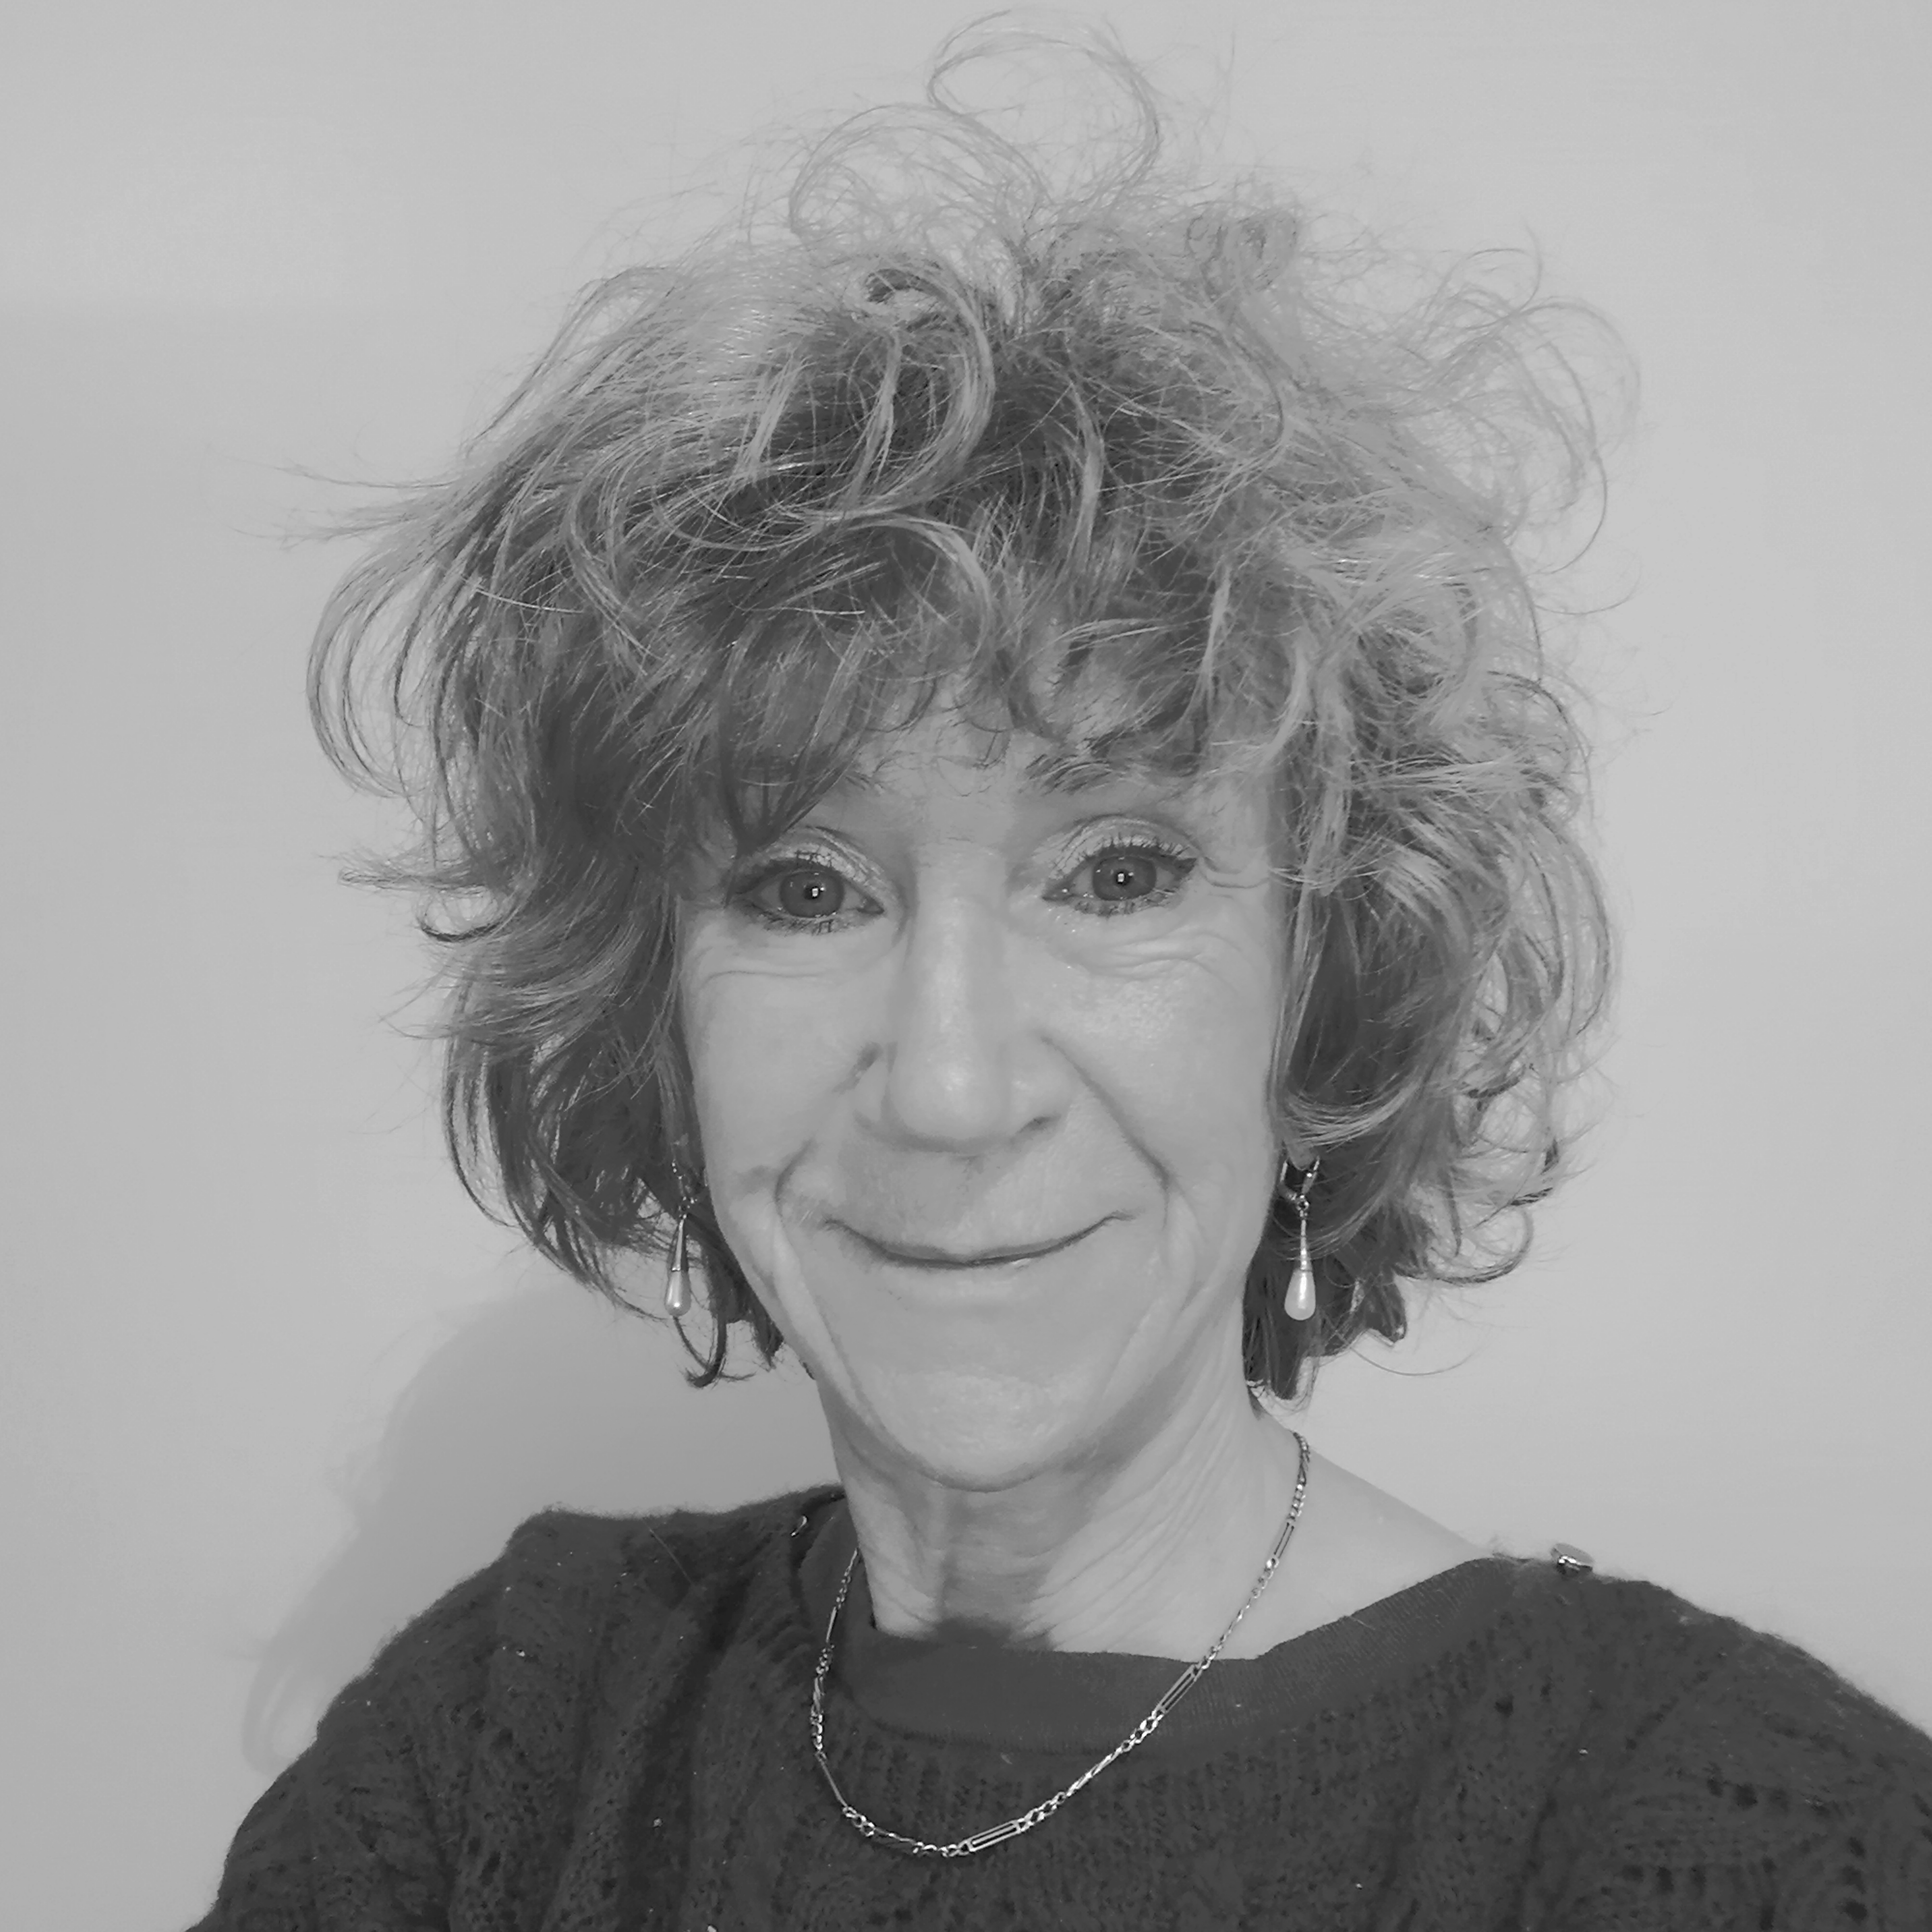 Bernadette Sonck